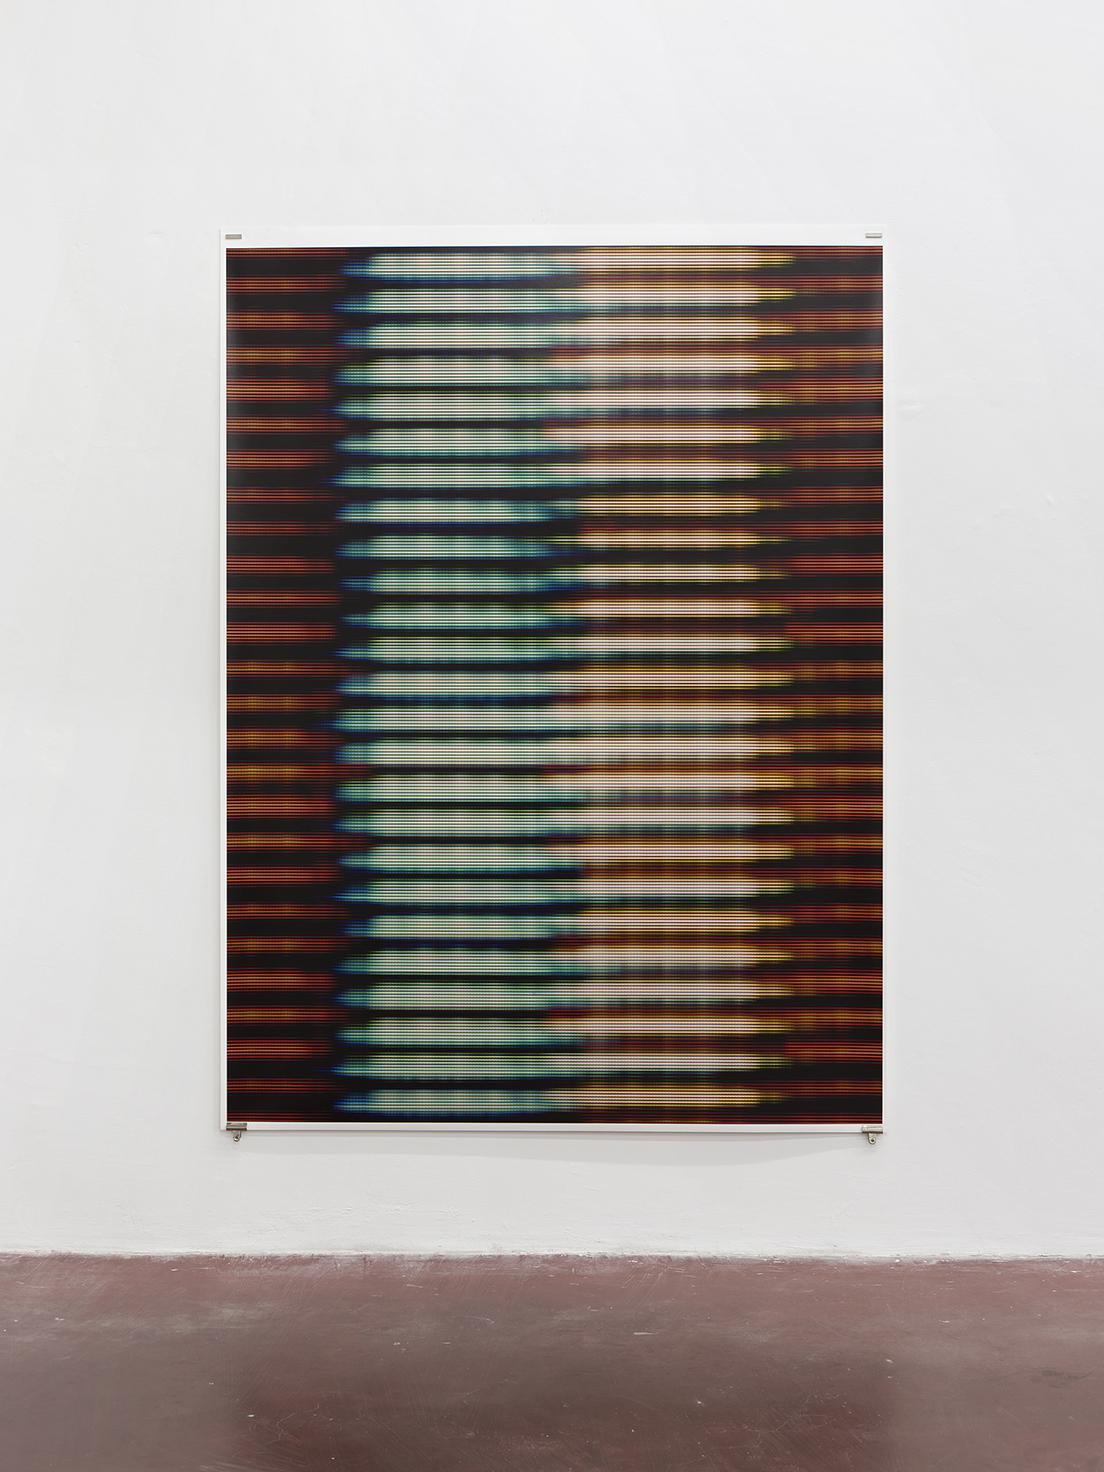 """מתן מיטווך, VII) Blinds), 2015, הזרקת דיו על נייר ארכיבי, 160x3213.5 ס""""מ. באדיבות גלריה דביר והאמן. צילום: אלעד שריג"""